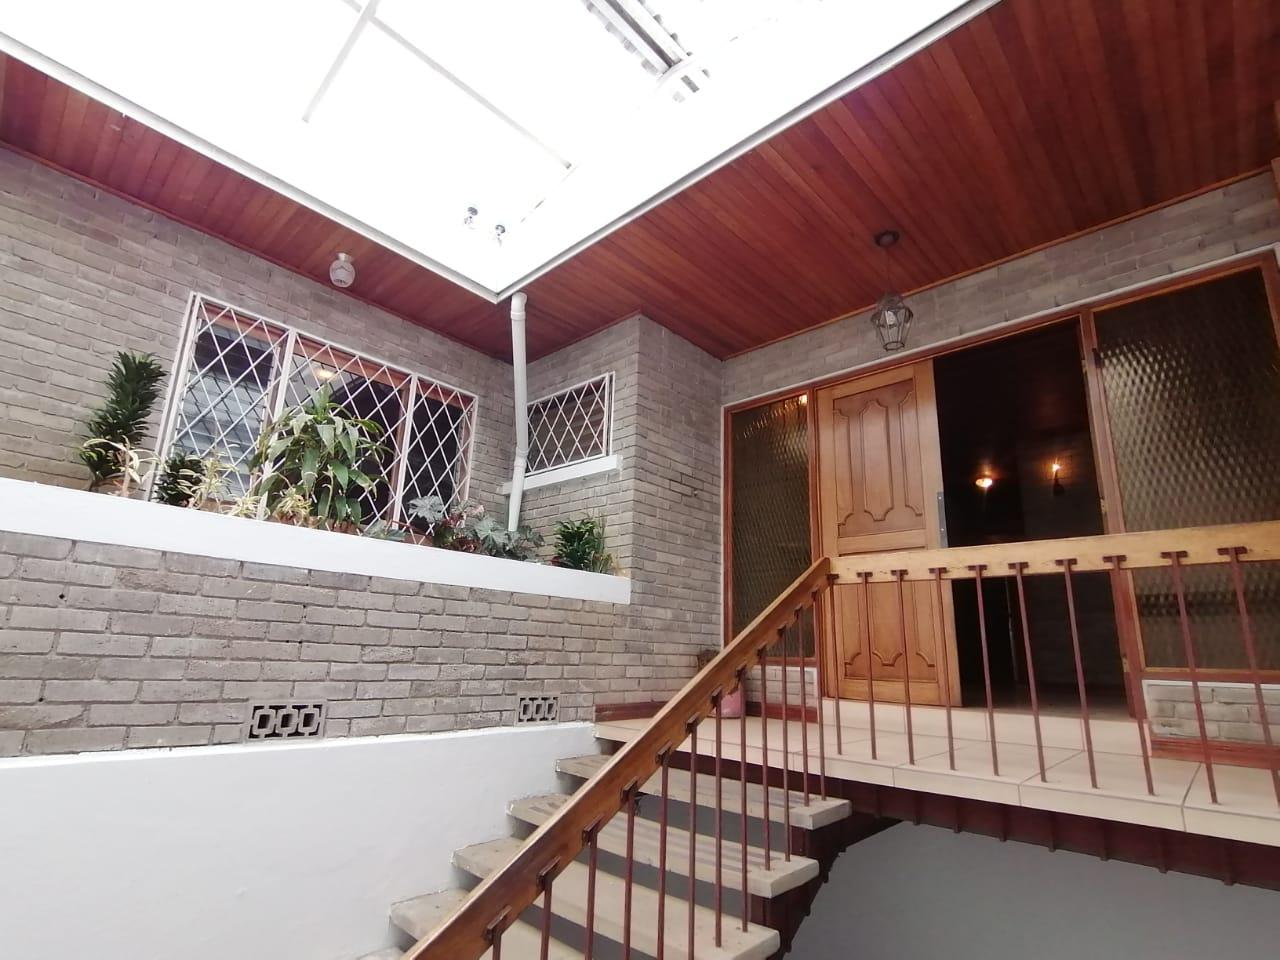 675 Se Vende Casa con uso Mixto en calle sin salida, Curridabat